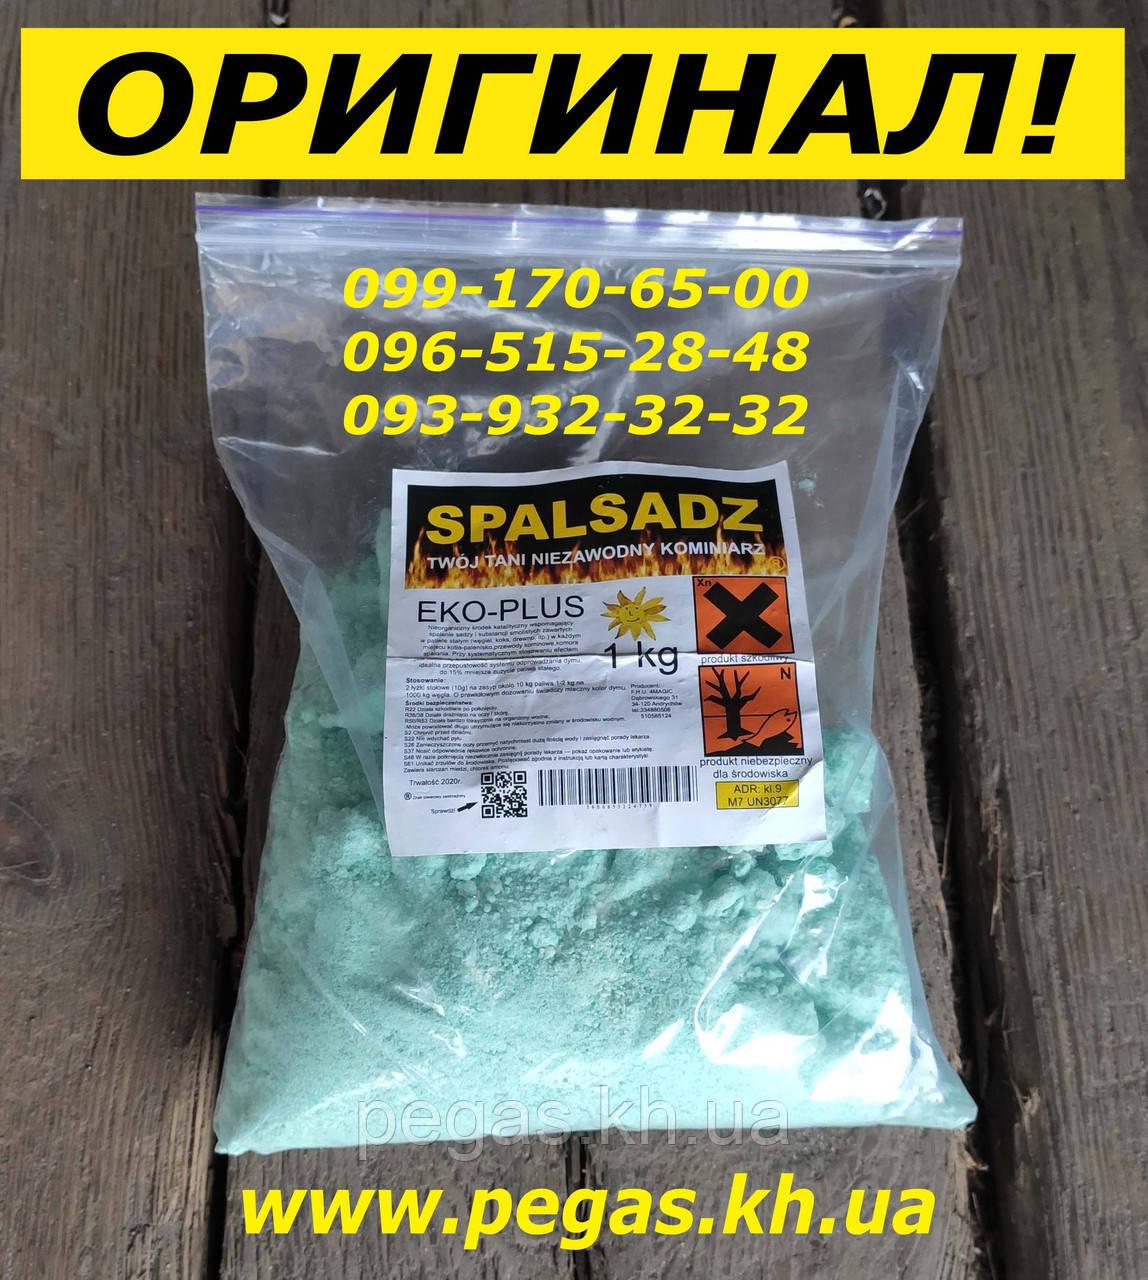 Средство для чистки дымоходов и котлов от сажи и смолы (SPALSADZ) Спалсадс Оригинал!